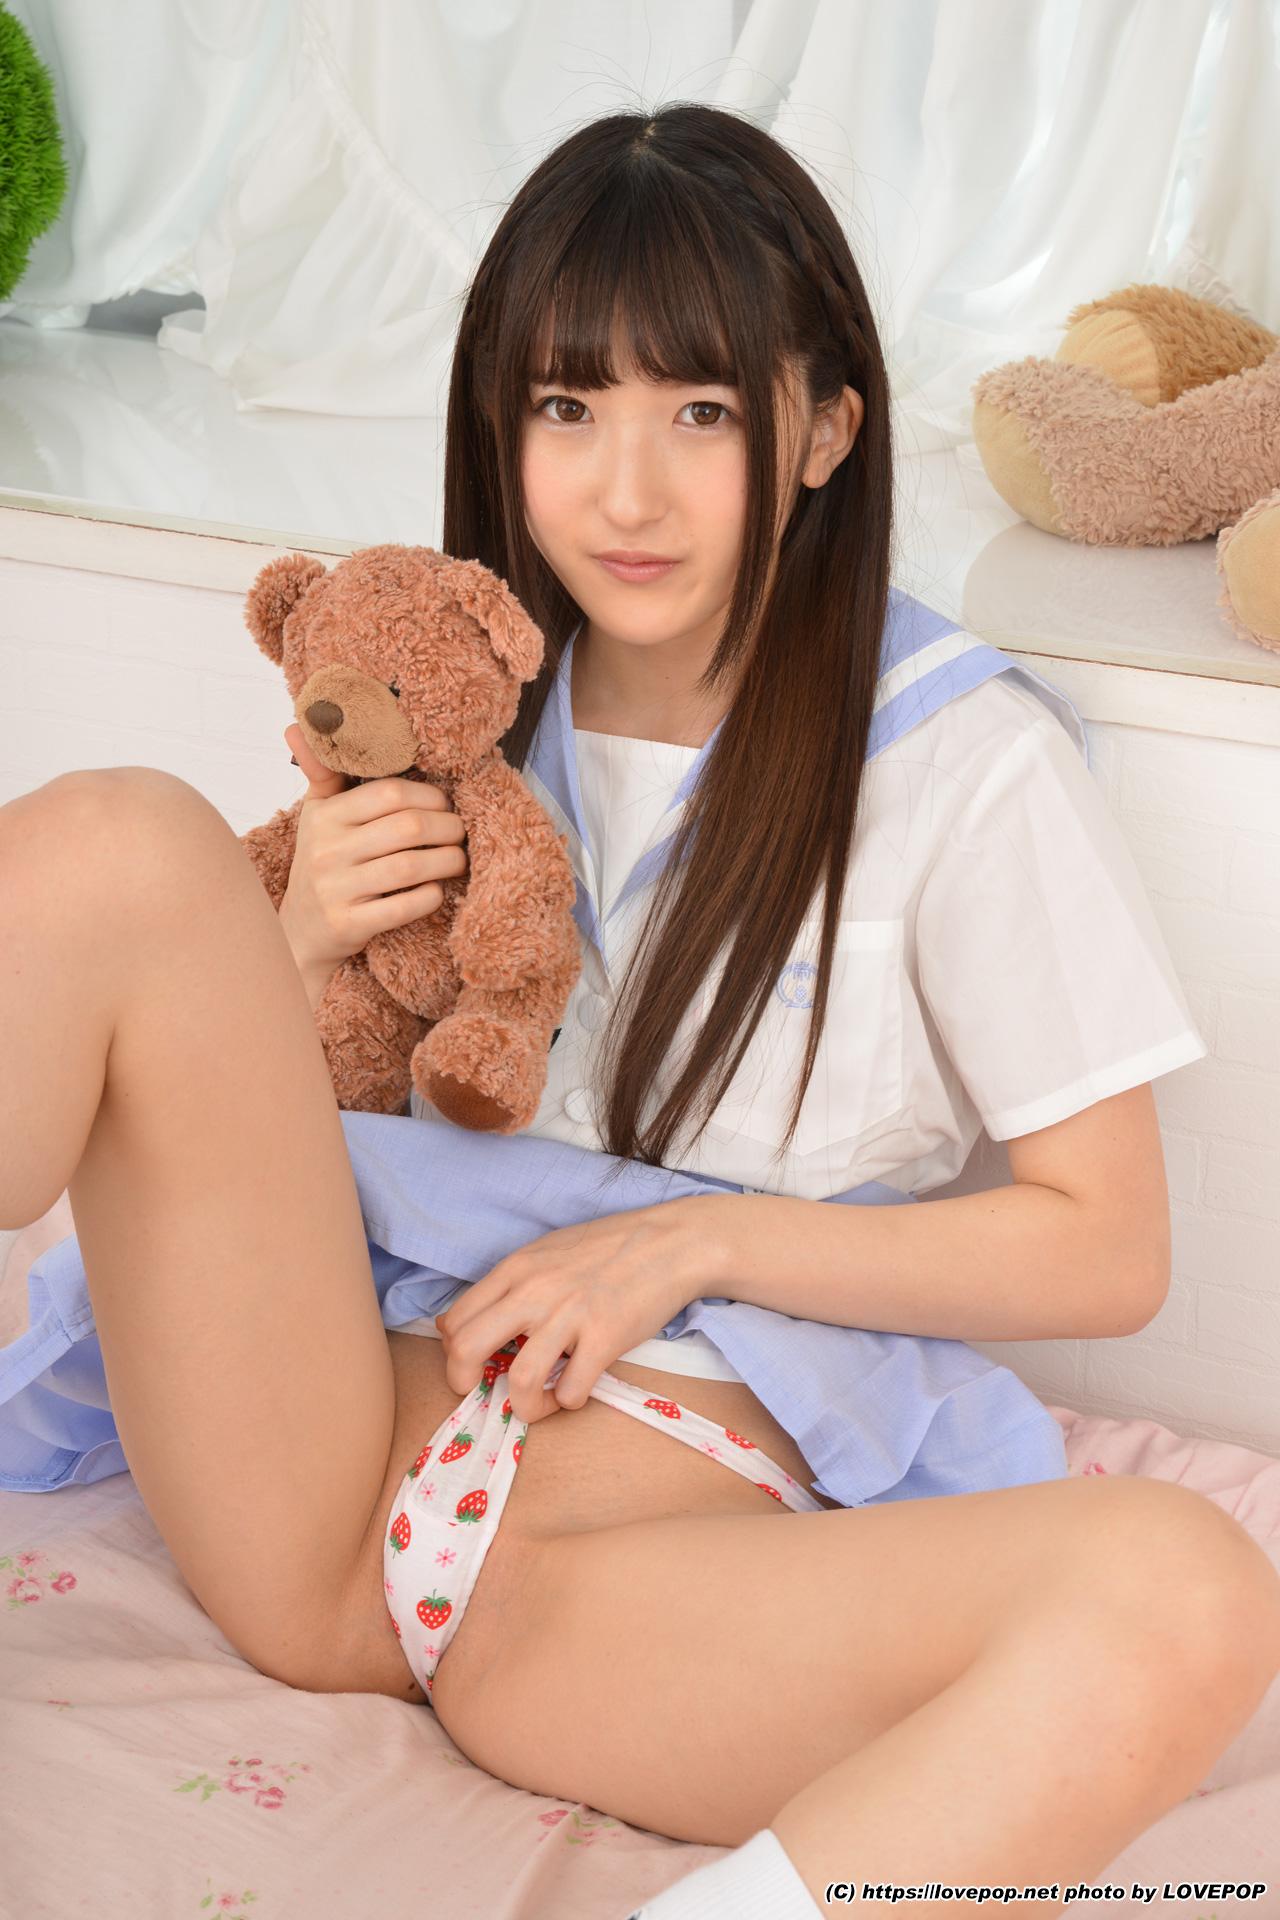 [LOVEPOP] Hono Ukumori 鵜久森ほの Photoset 01 [48.3 Mb] sexy girls image jav